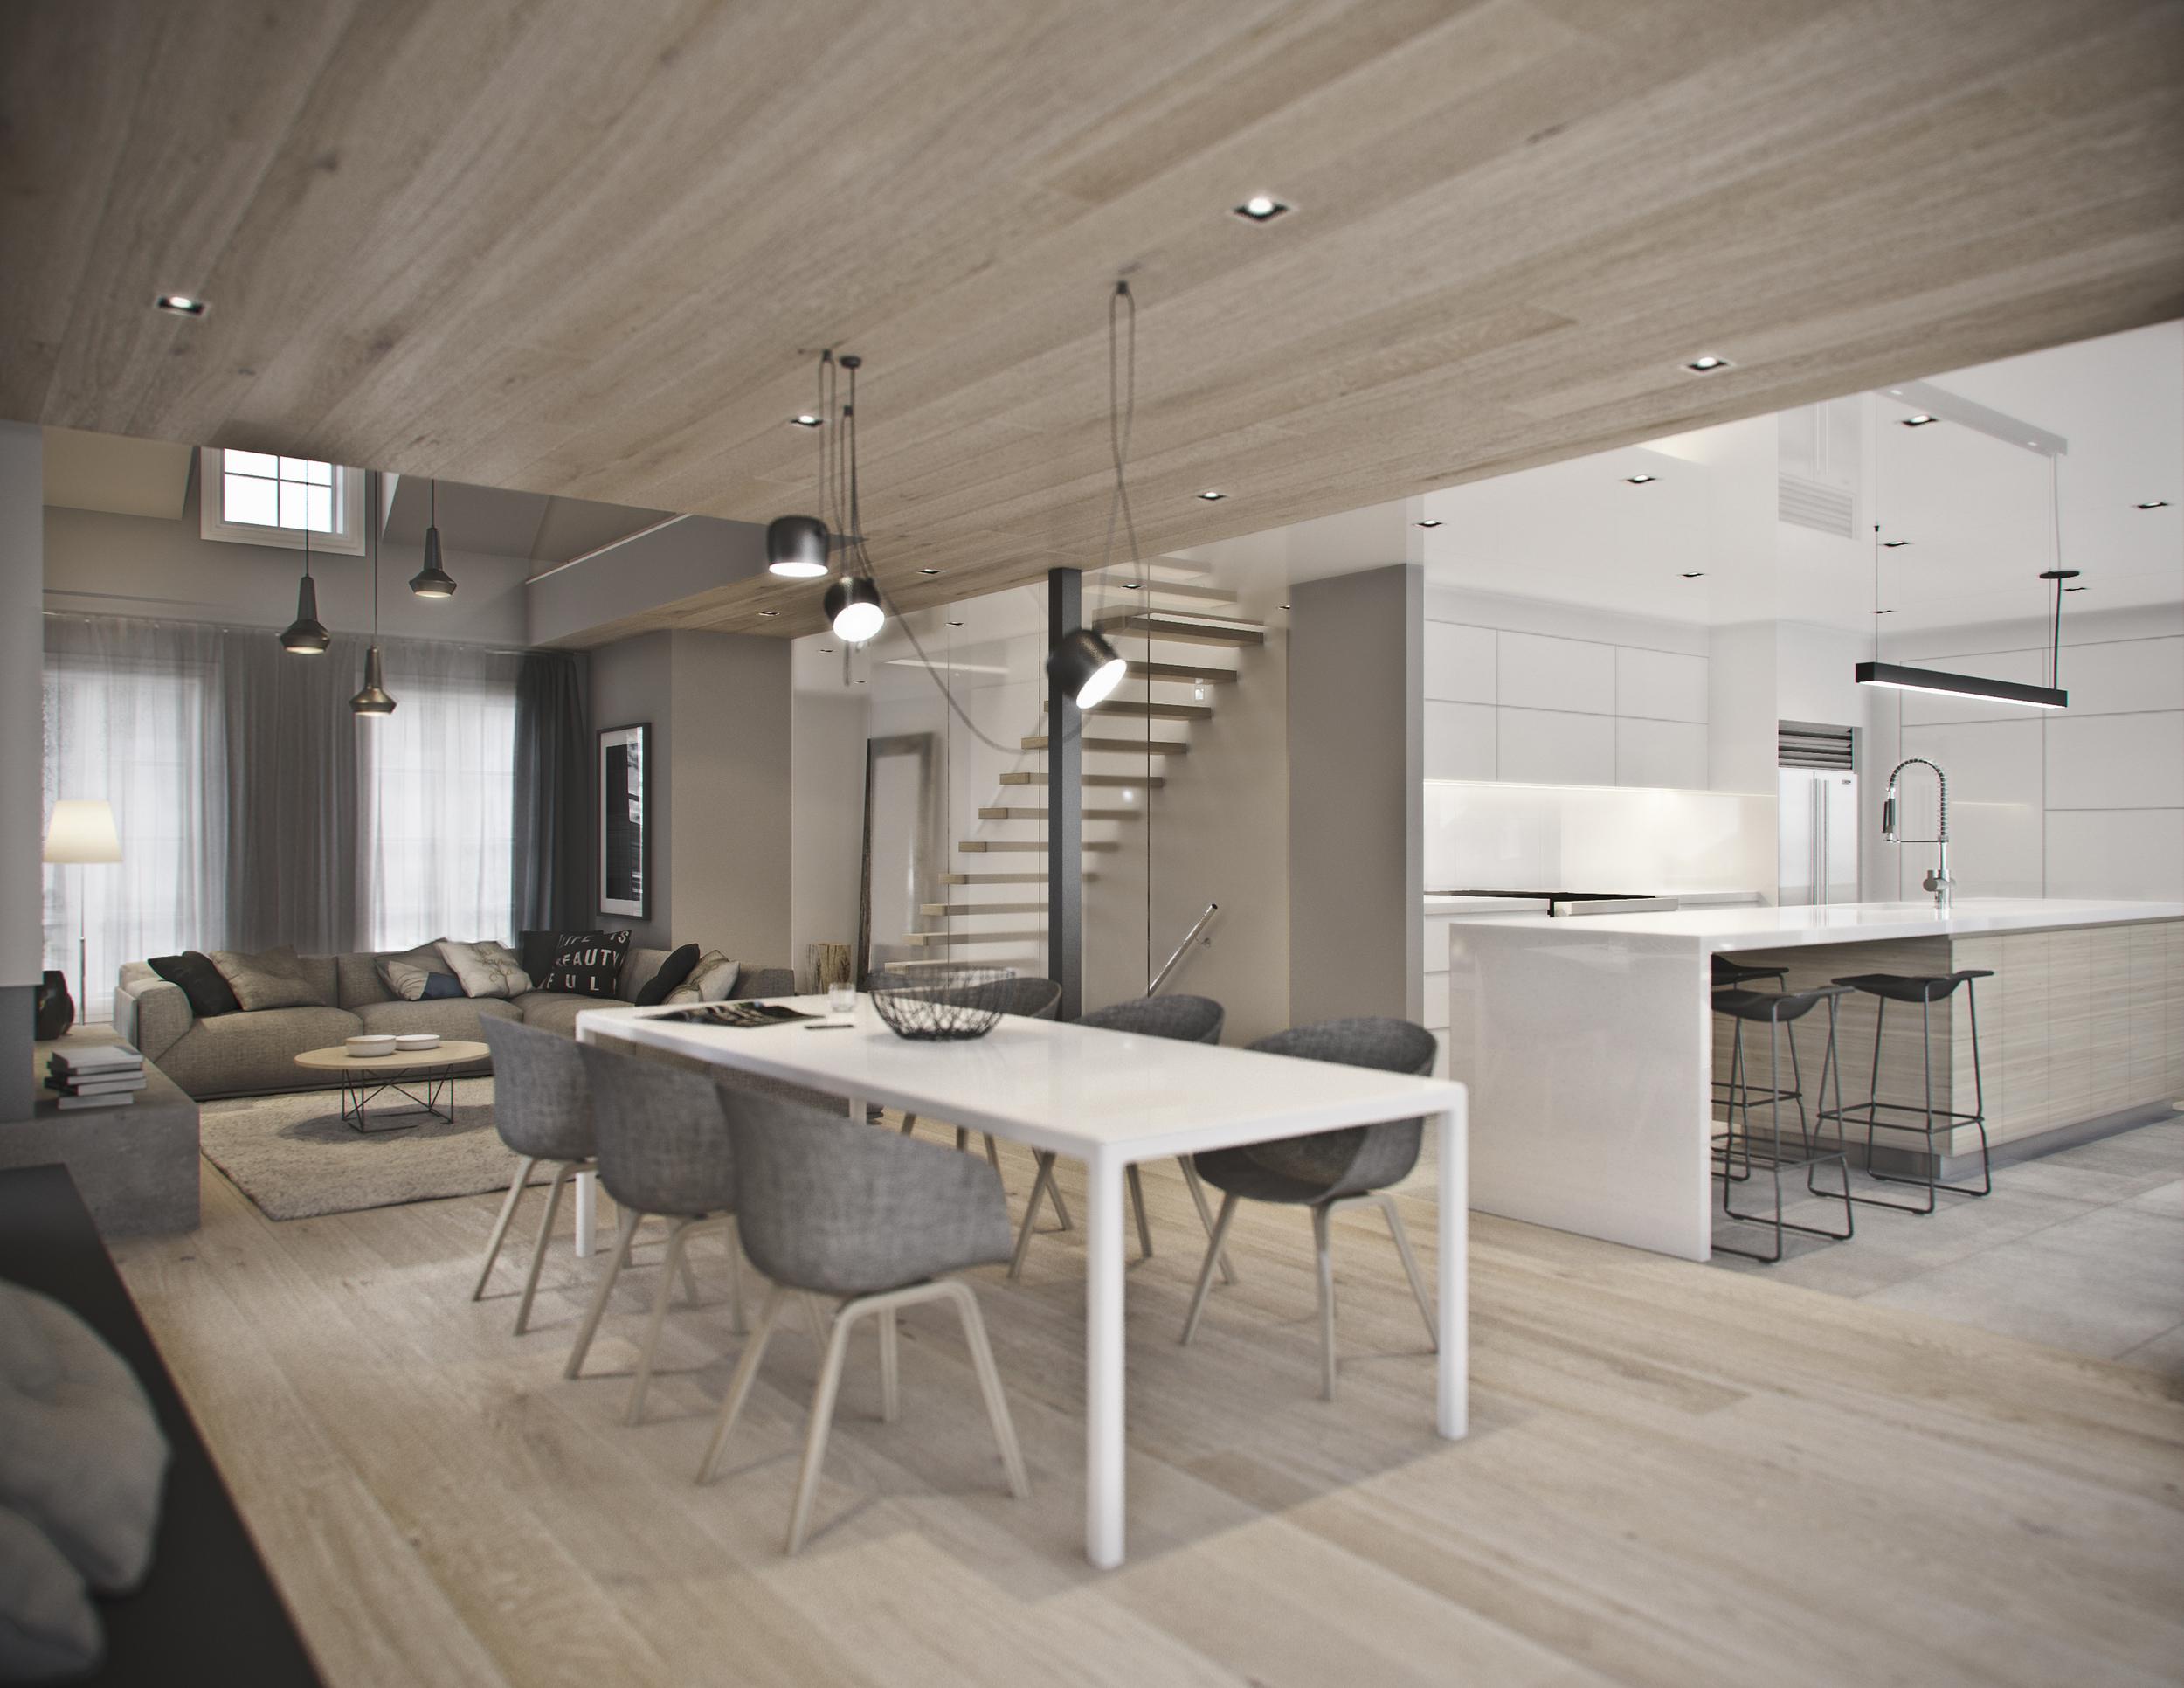 INTÉRIEUR: Vue de la salle à manger, cuisine et salon.